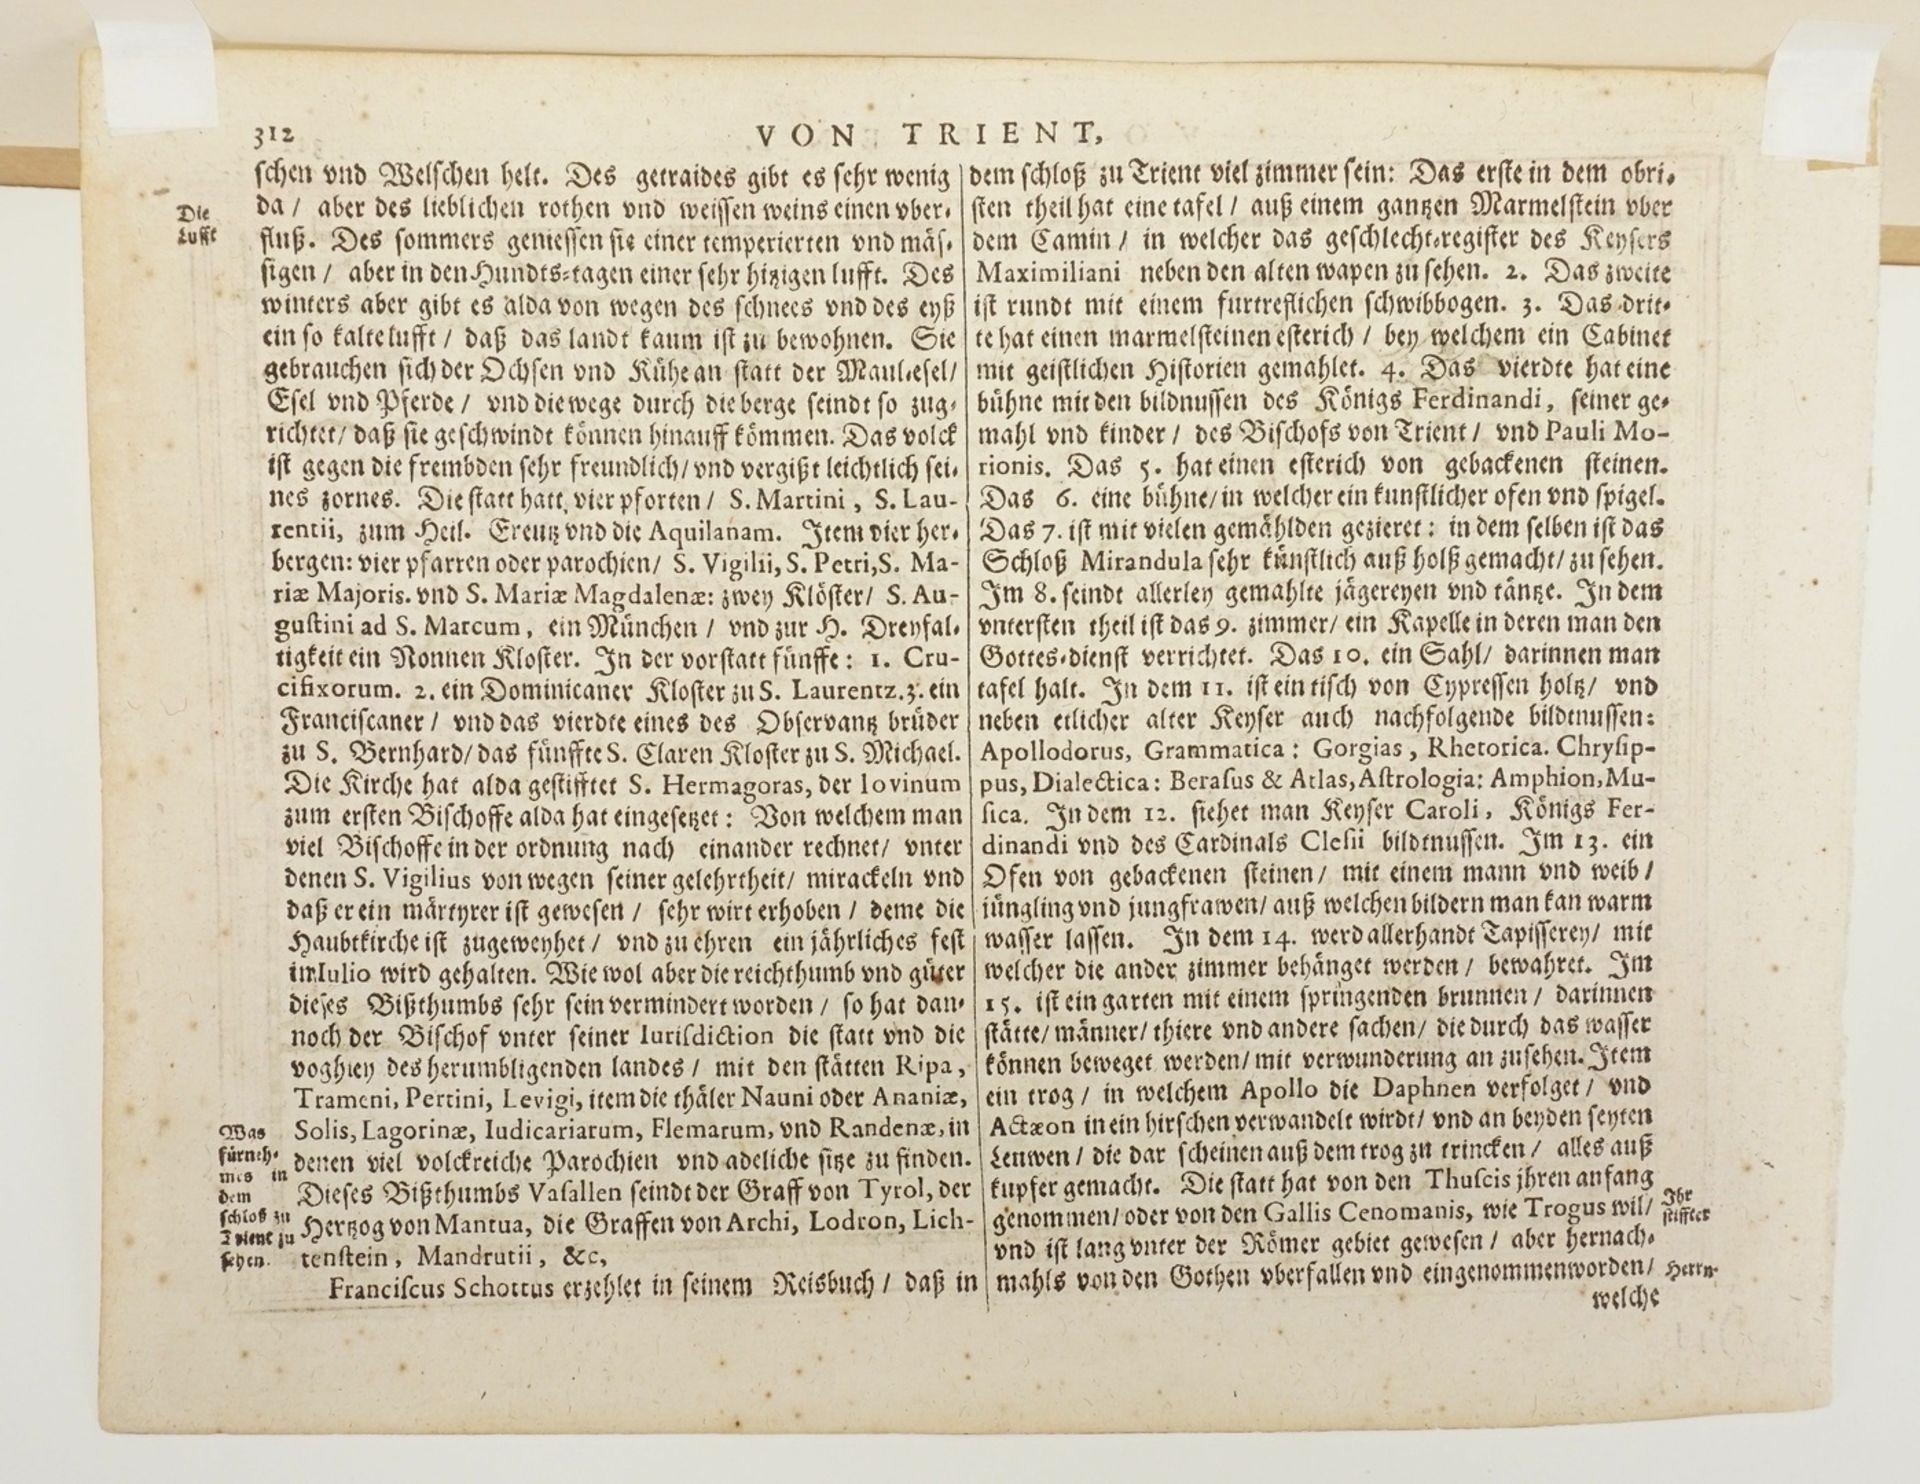 """Gerhard Mercator, """"Von Trient / Territorio di Trento"""" (Landkarte der Gegend um Trient, Südtirol) - Bild 4 aus 4"""